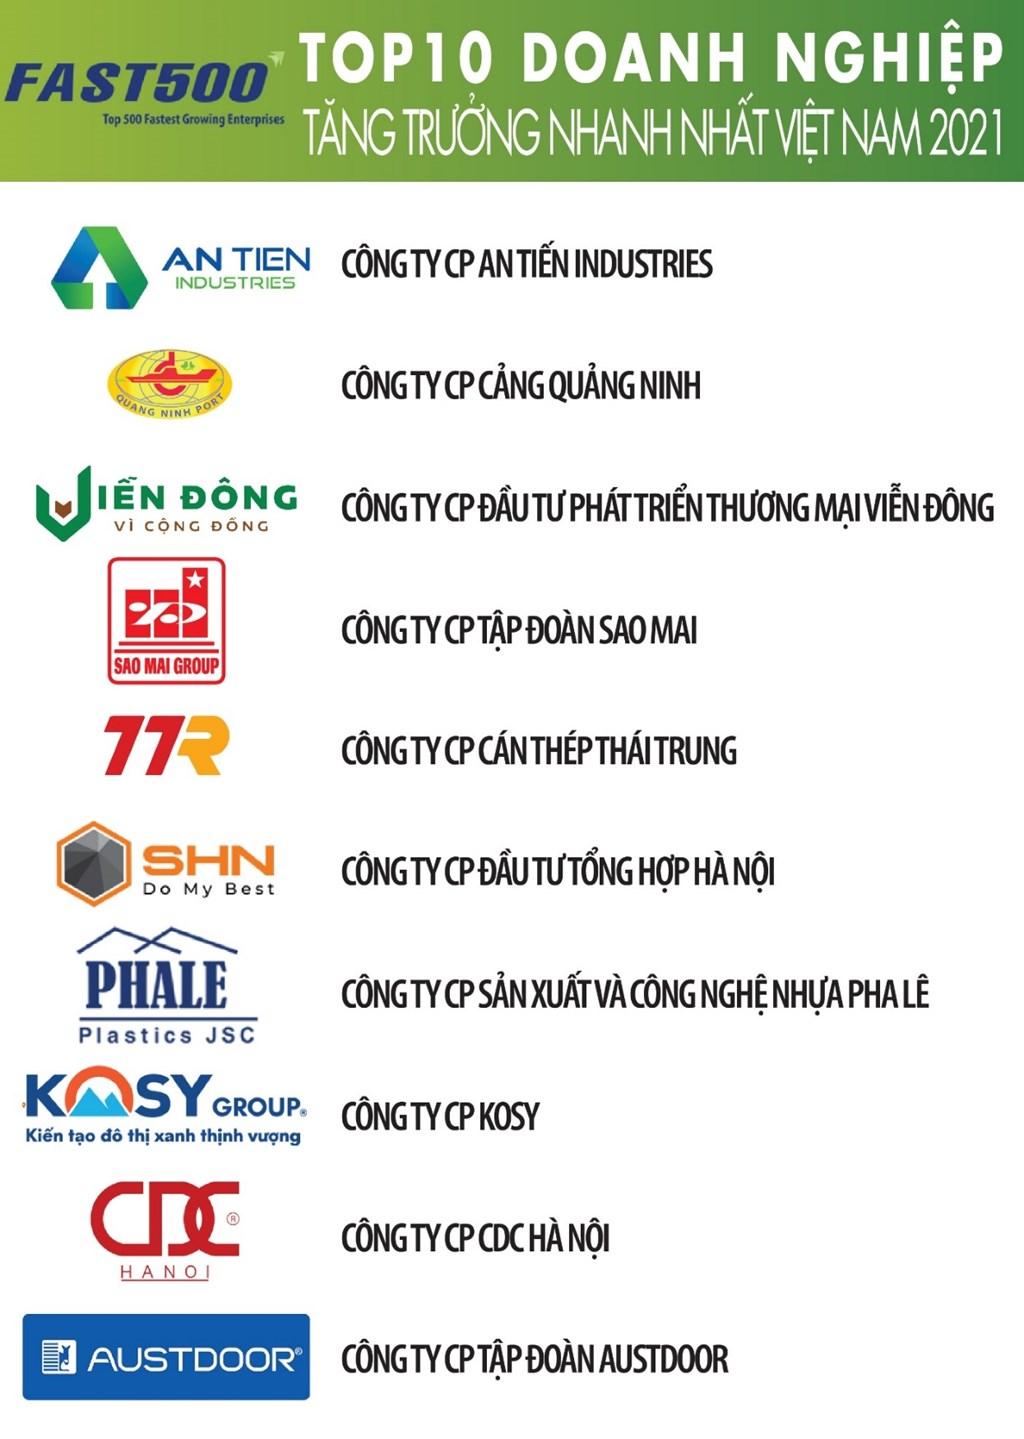 Top 500 doanh nghiệp tăng trưởng nhanh nhất Việt Nam năm 2021 - Ảnh 2.